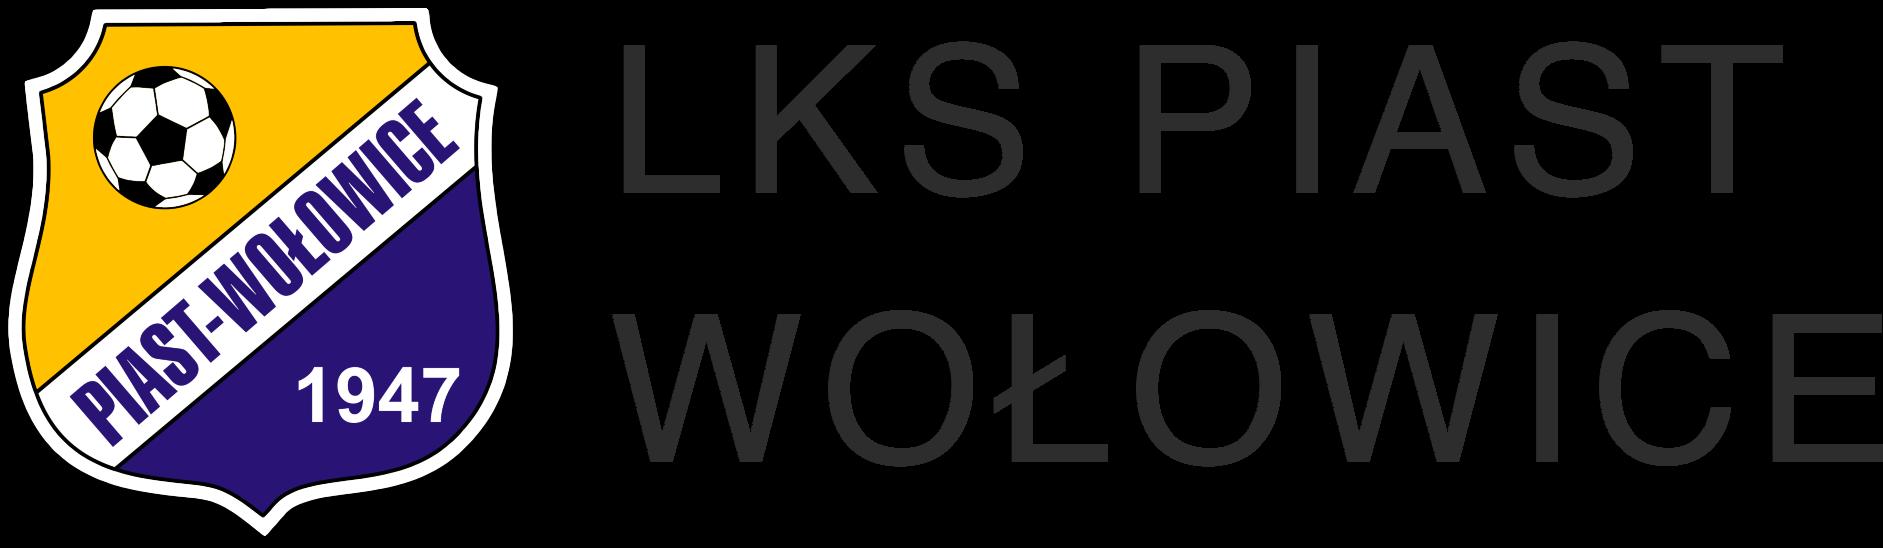 LKS Piast Wołowice